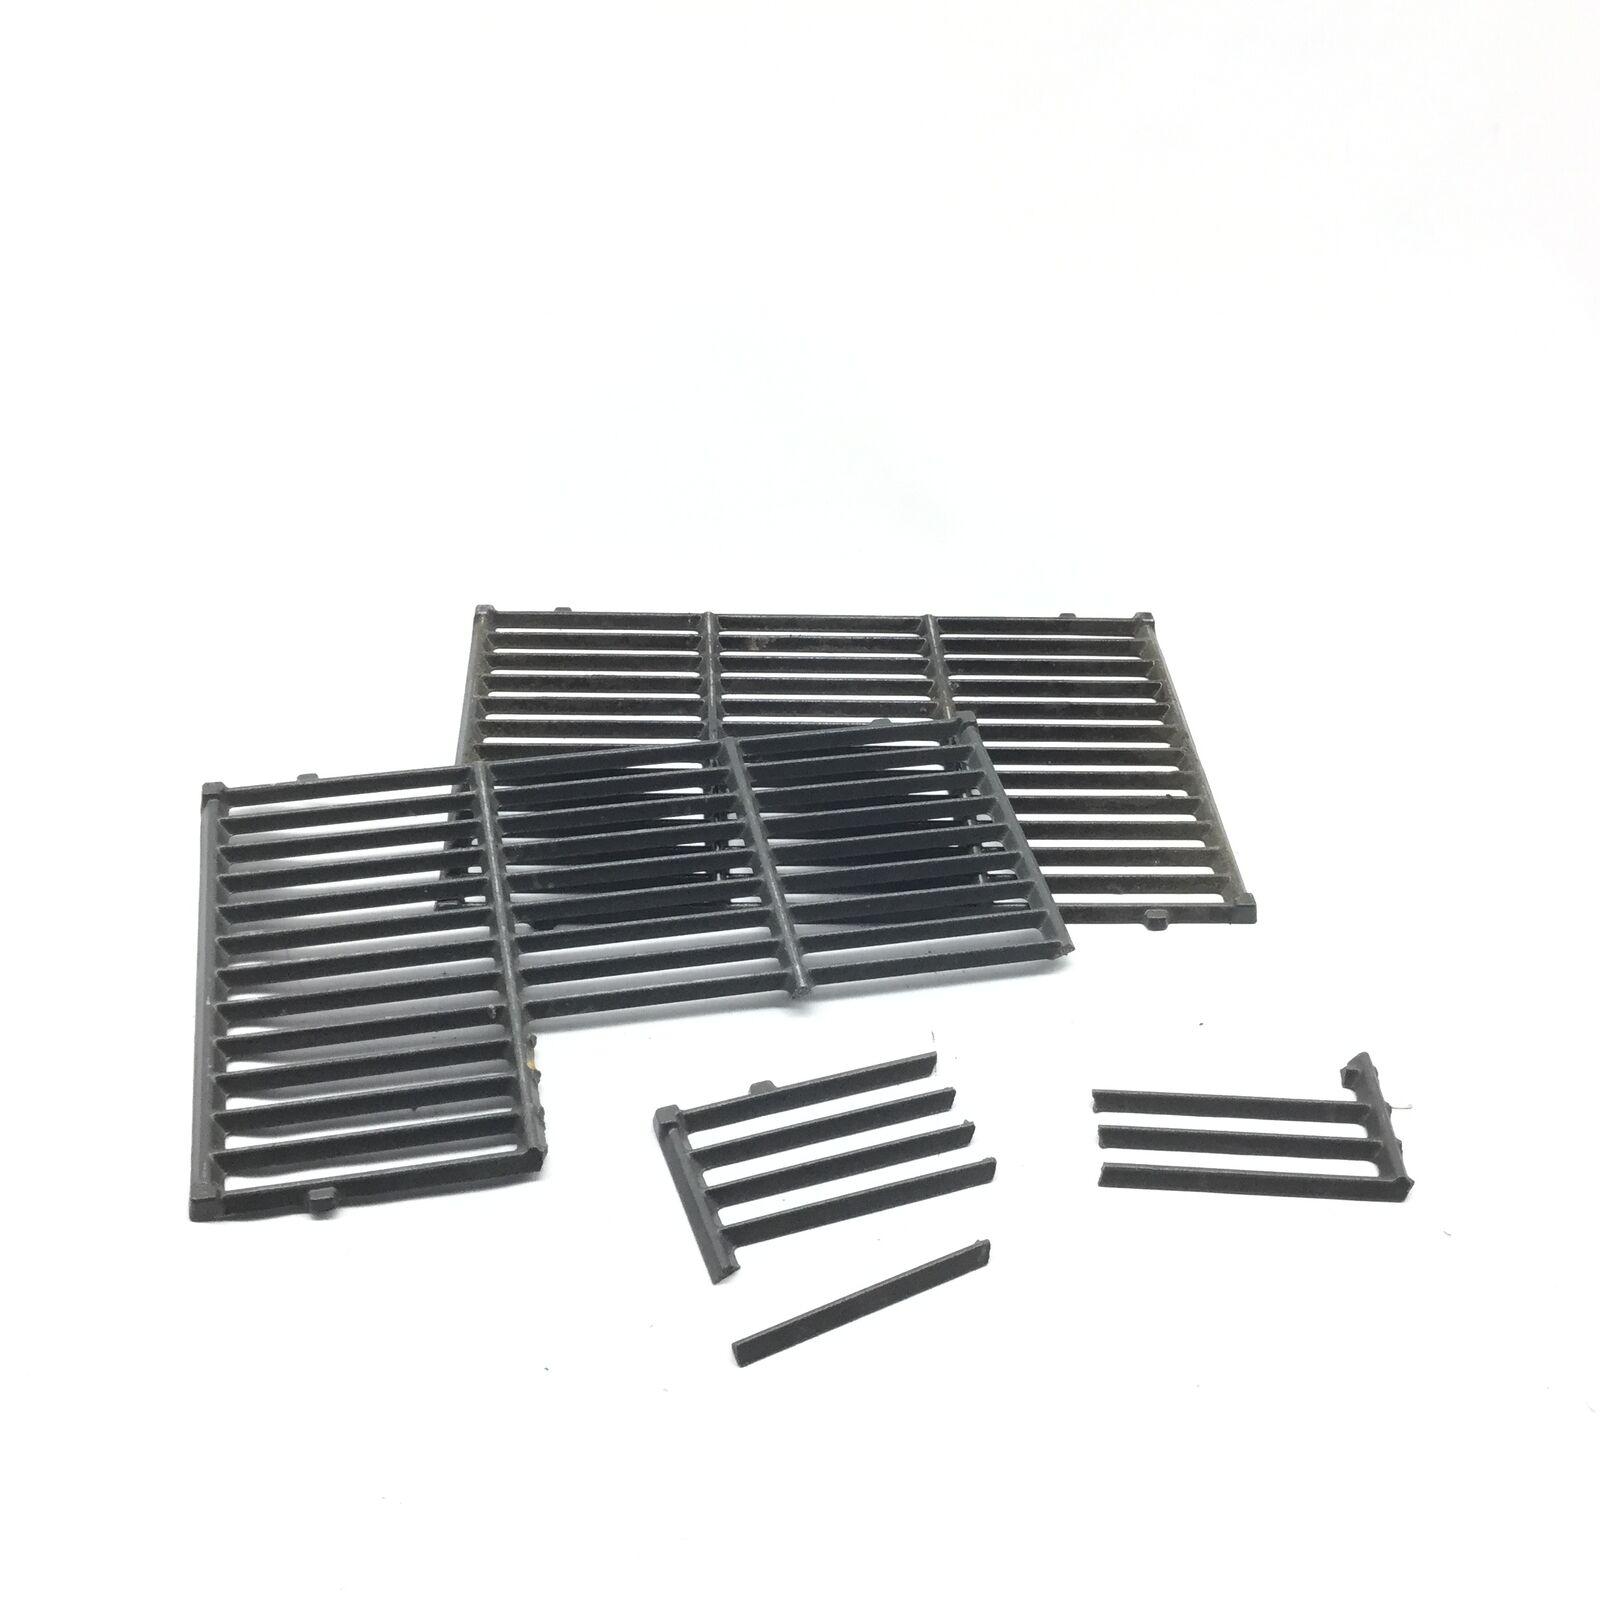 Weber 7598 Porcelain-Enameled Cast Iron Griddle for Spirit 300 Series